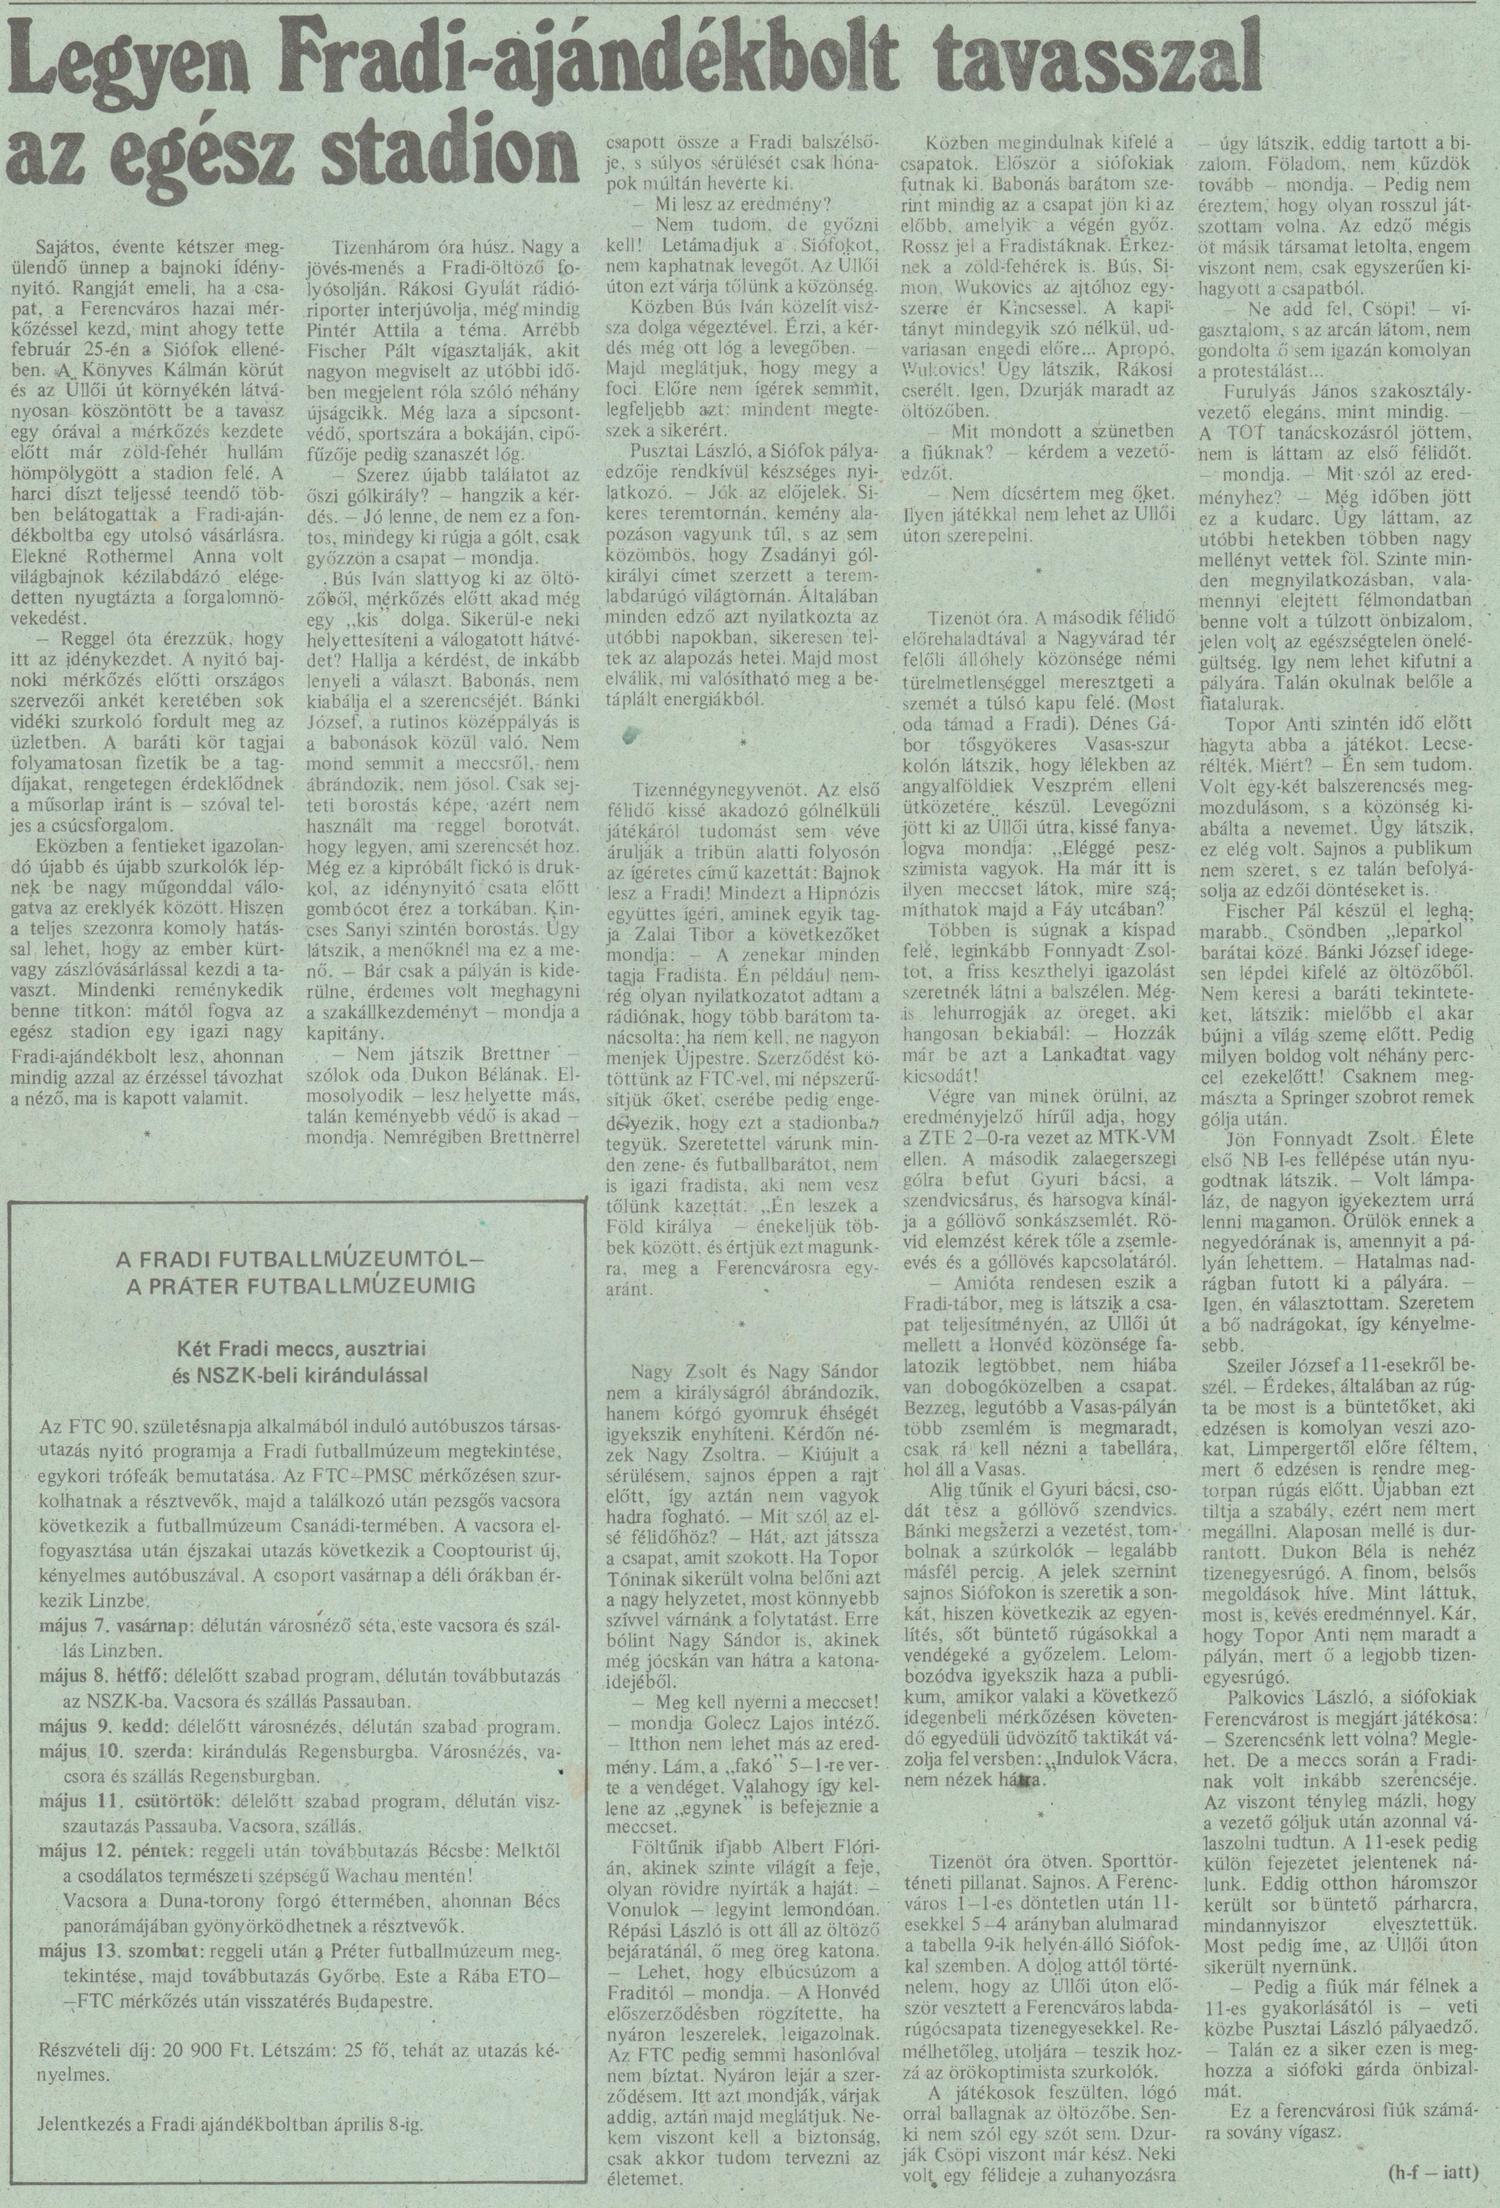 TFU_19890311_Fml_000 - 0003